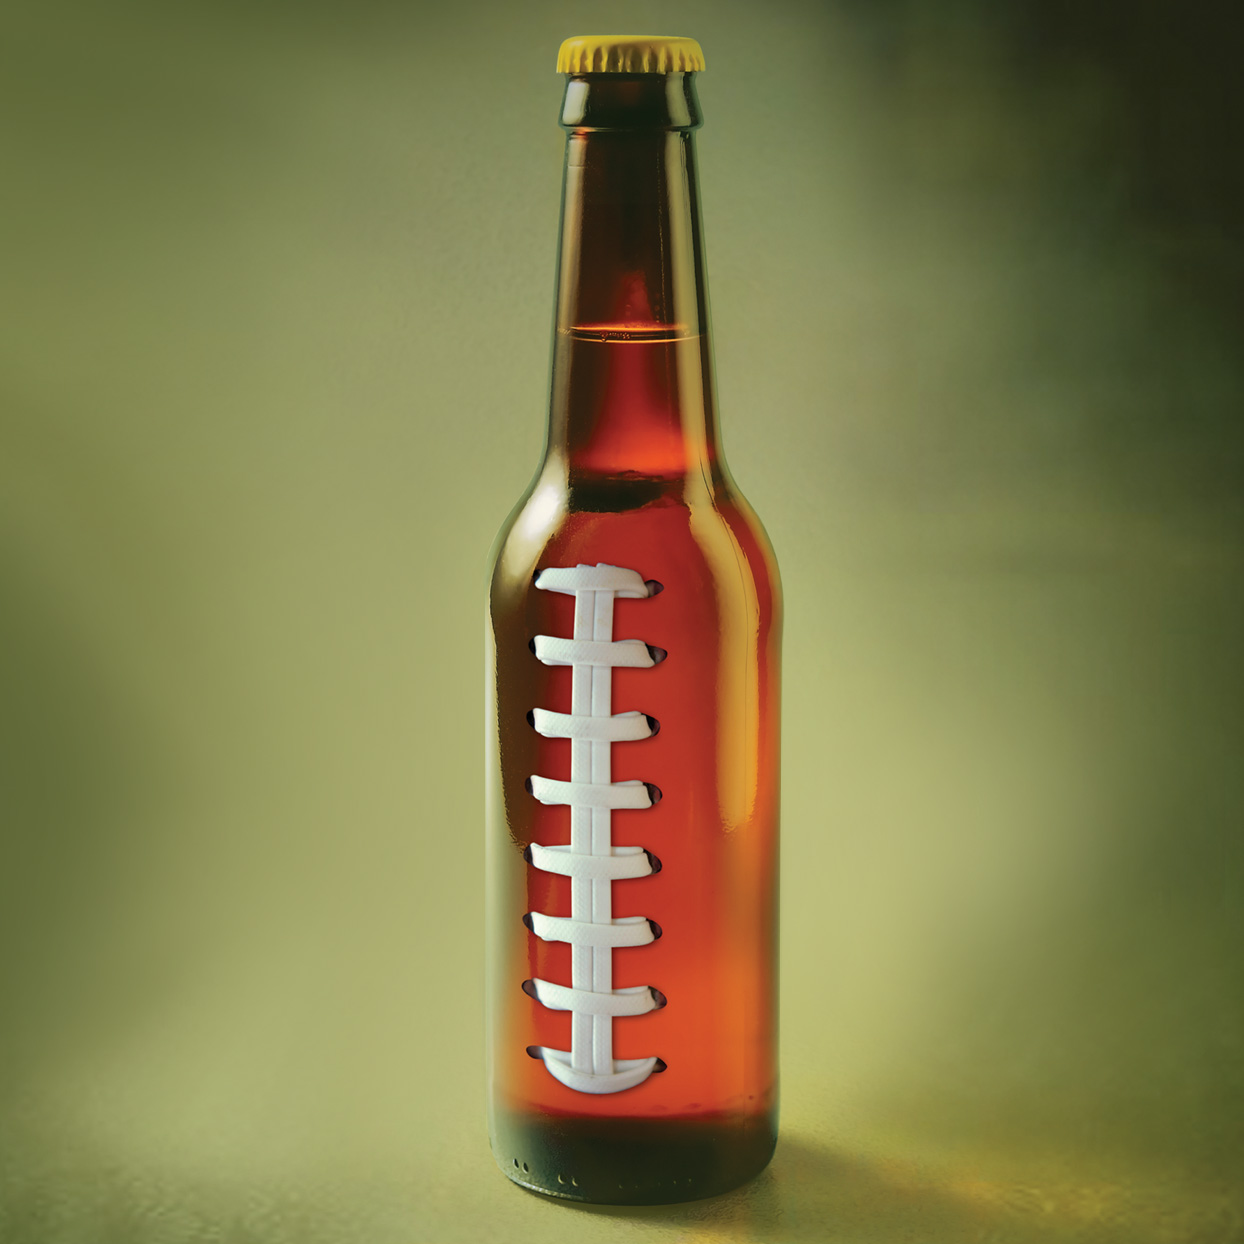 laced beer bottle